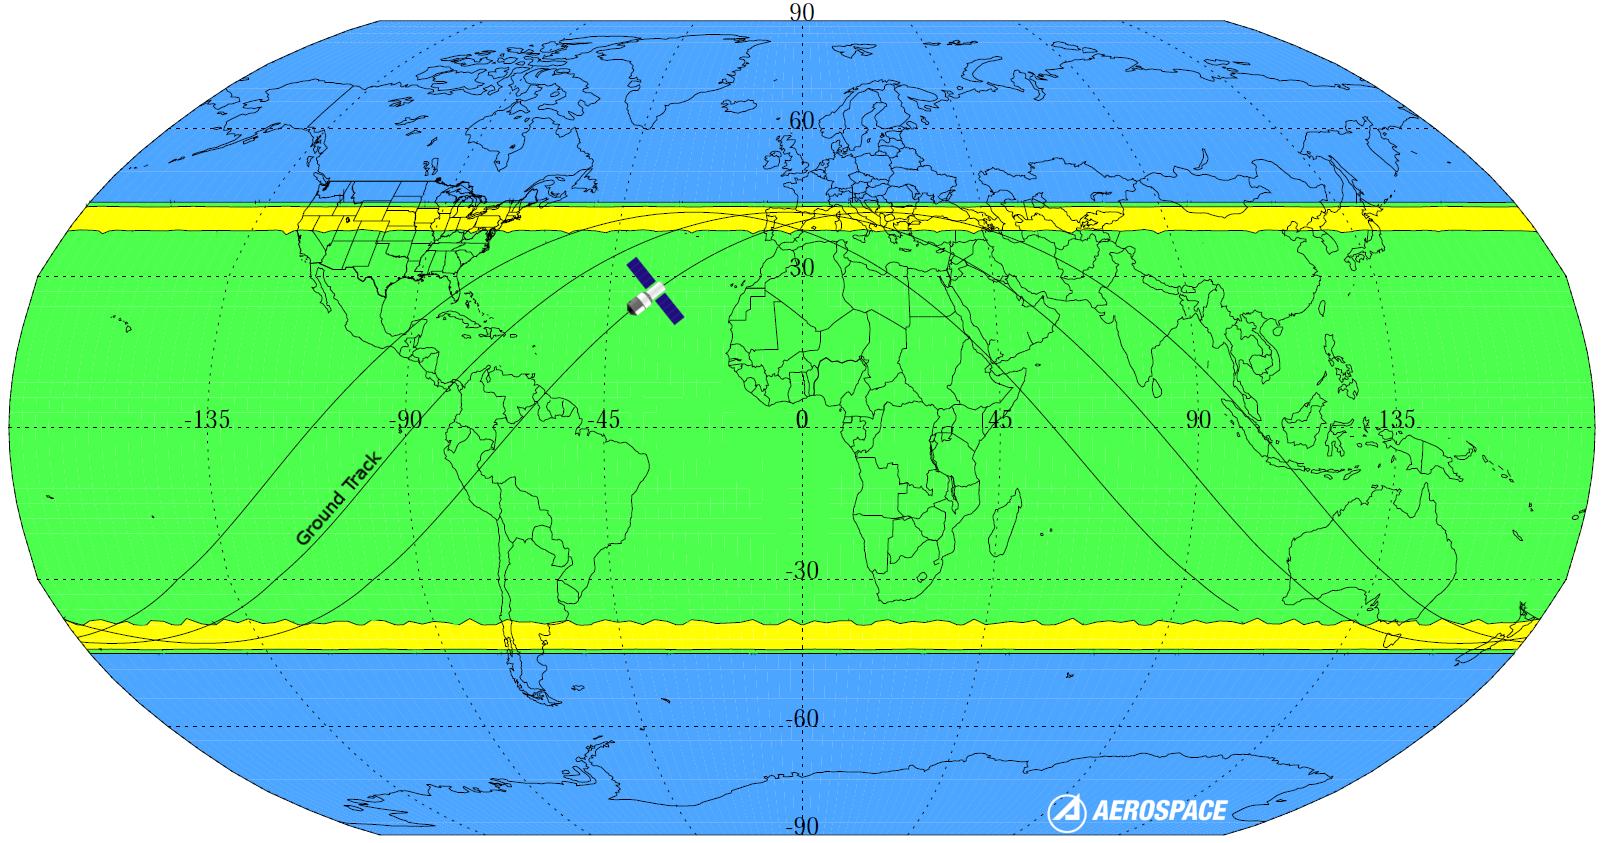 Зона, где может обрушиться китайская орбитальная станция, находится между 42 градусом северной и 43 градусом южной широты